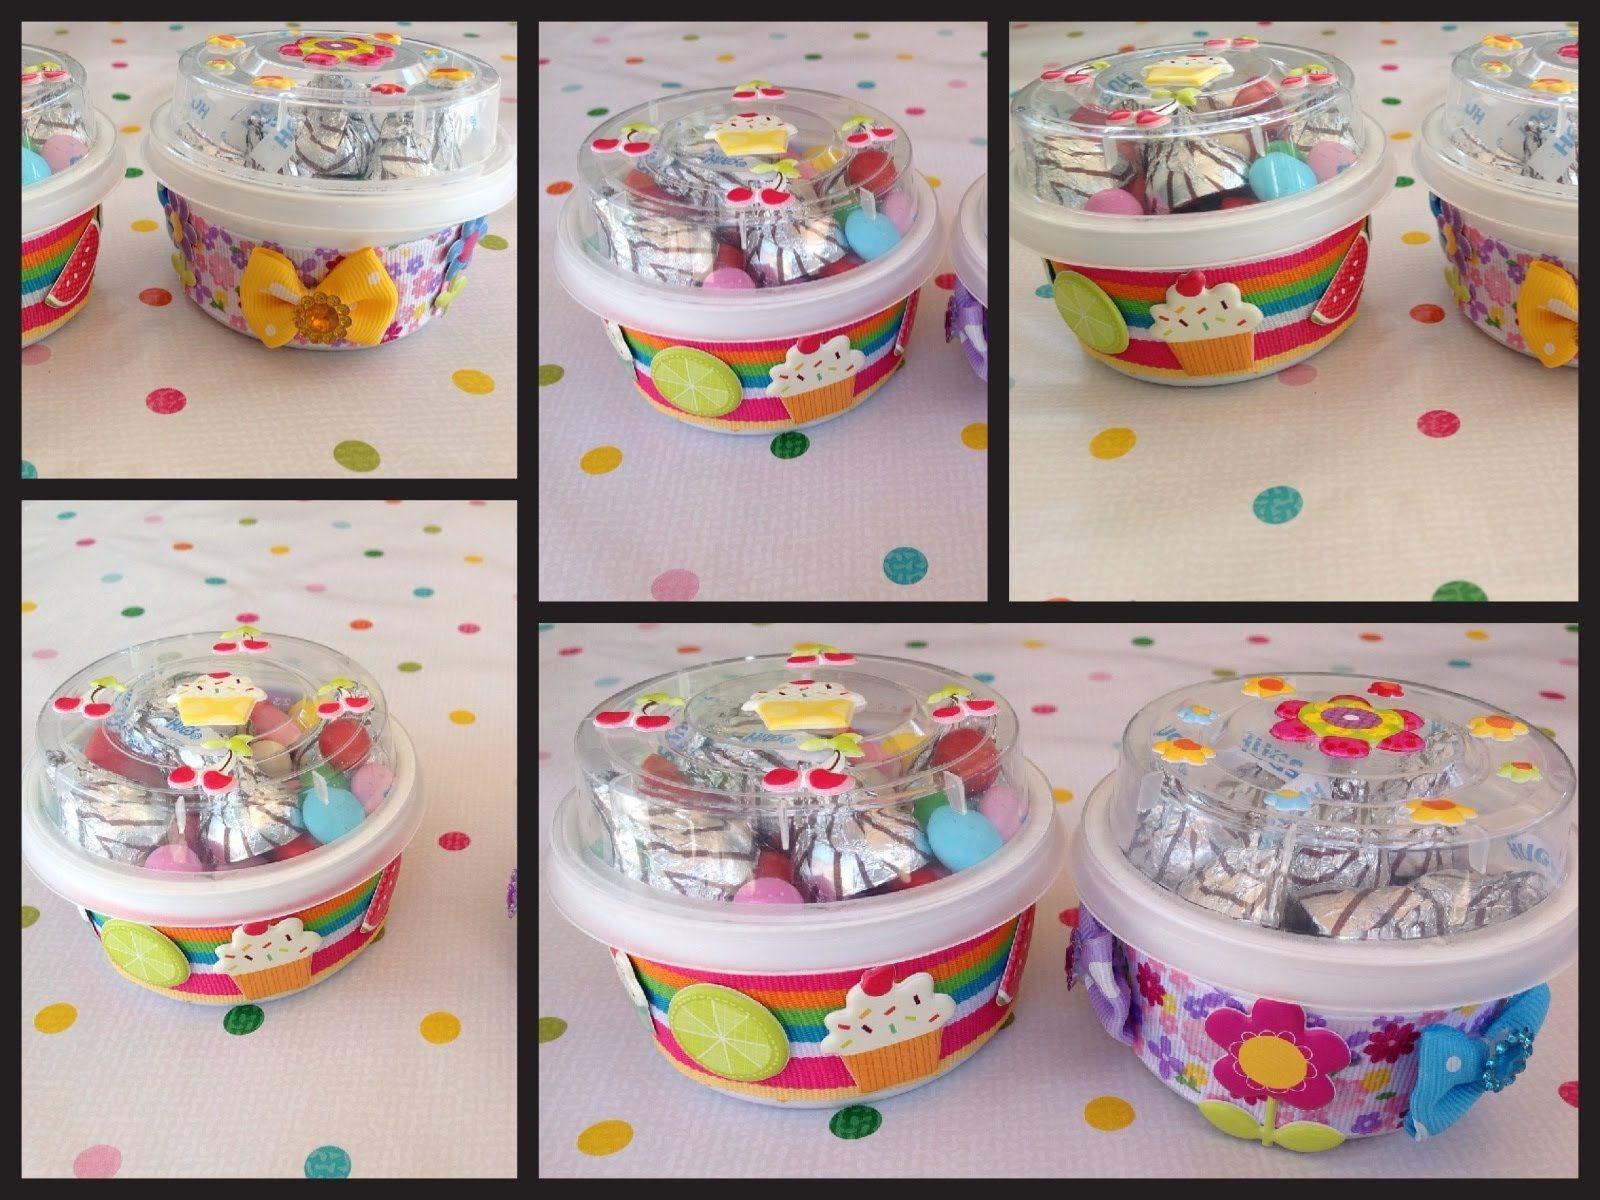 Bonitos dulceros hechos con envases reciclados de yogurt - Manualidades con envases ...